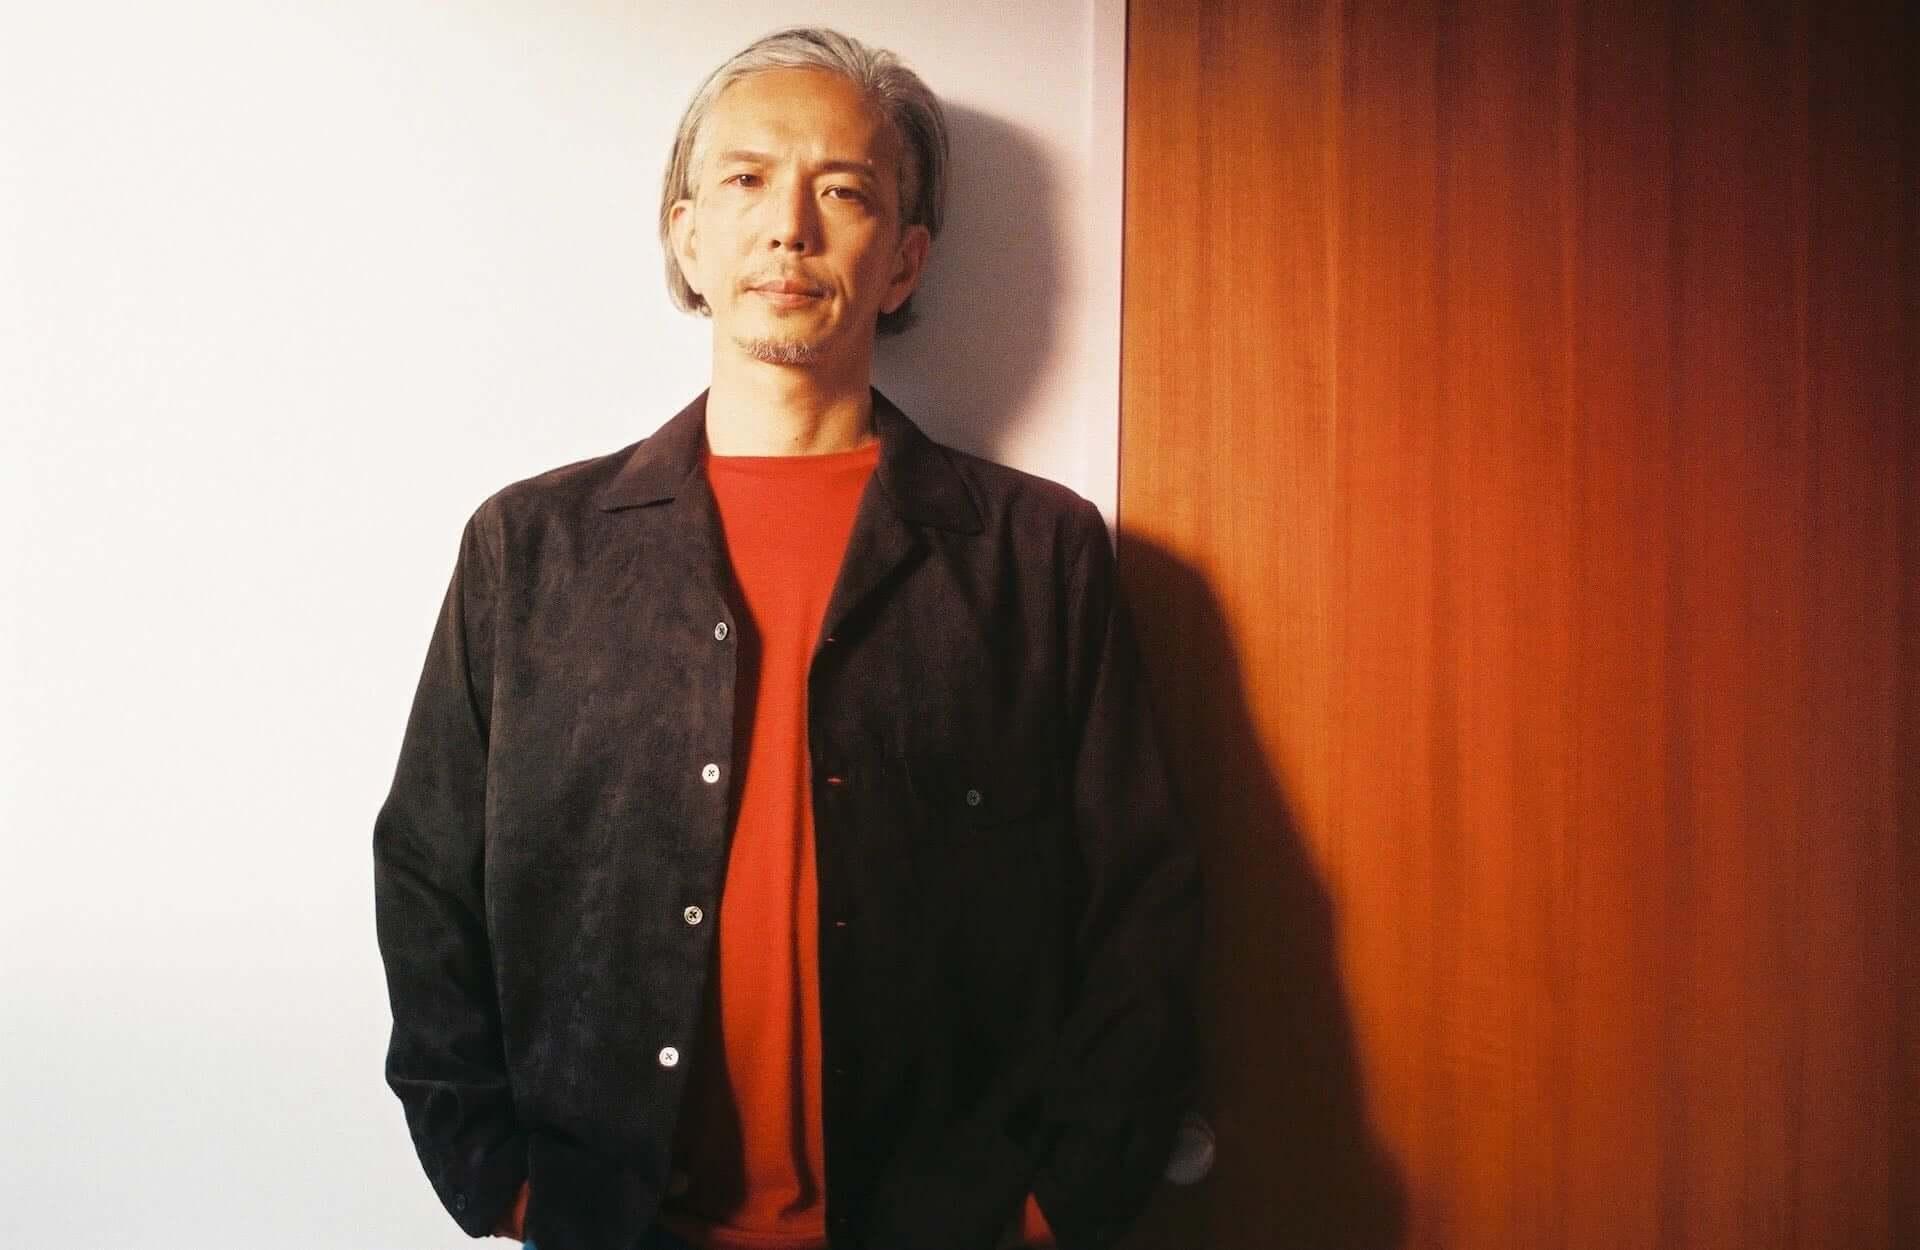 音×禅×食を楽しめる<MUSO Culture Festival>にDJ KRUSH、Yosi Horikawaらが出演決定!アフターパーティーにはKaoru Inoue、ermhoiらが登場 music201225_muso-festival_15-1920x1250